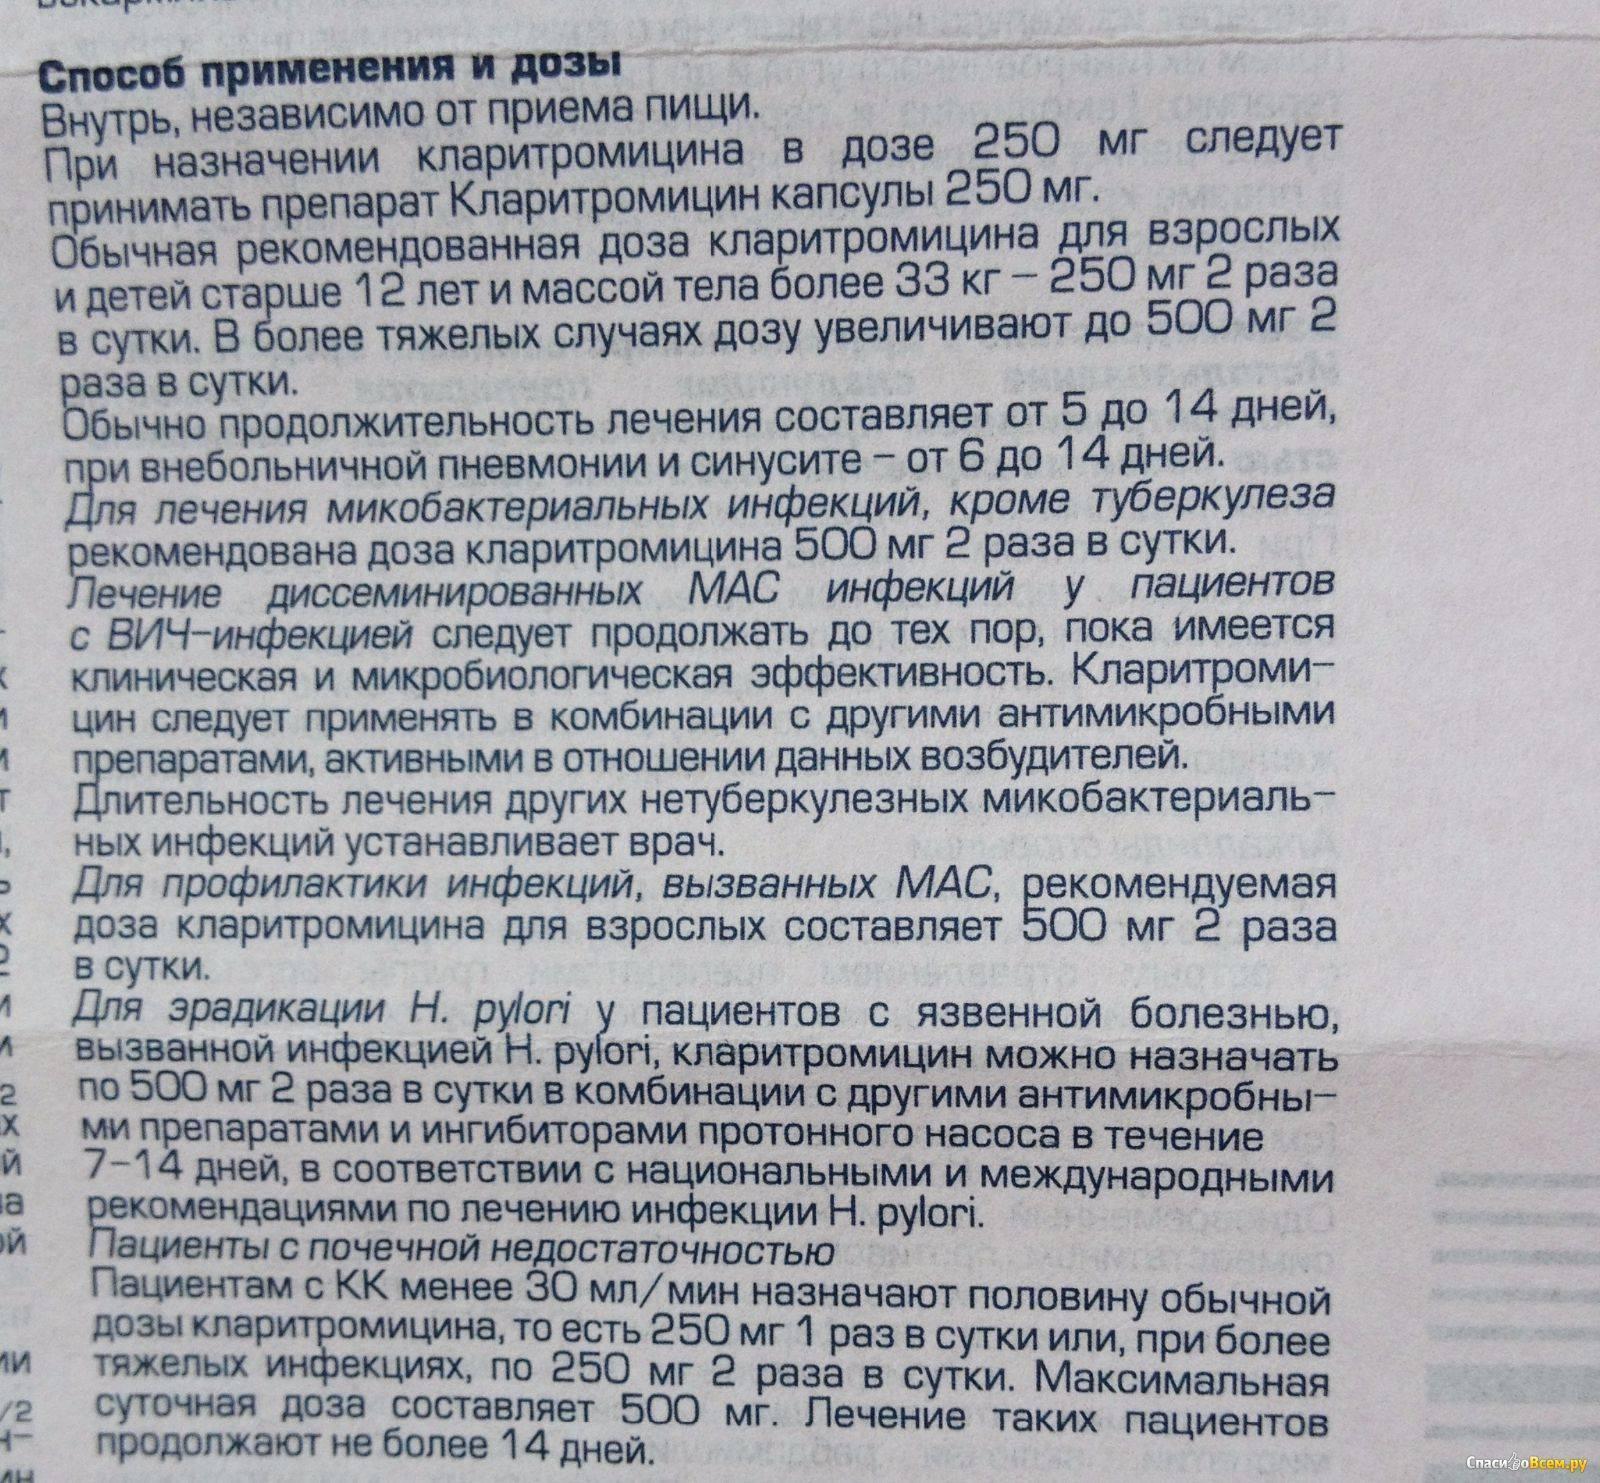 Ликопид: инструкция по применению и для чего он нужен, цена, отзывы, аналоги